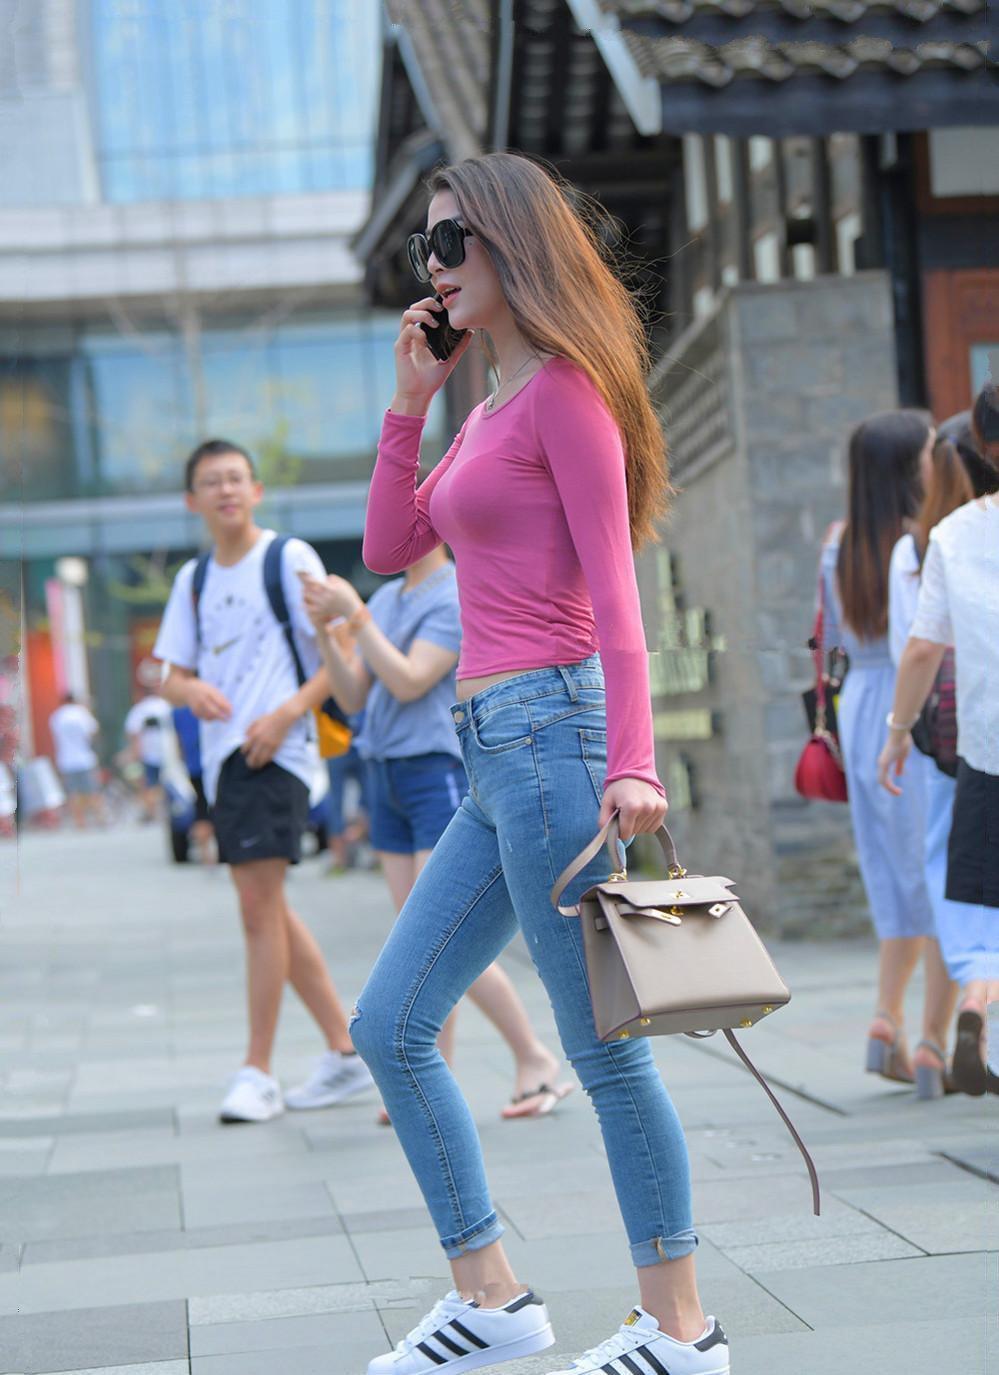 流行的穿搭小技巧,时尚潮流的显瘦牛仔,适合爱逛街的女生穿